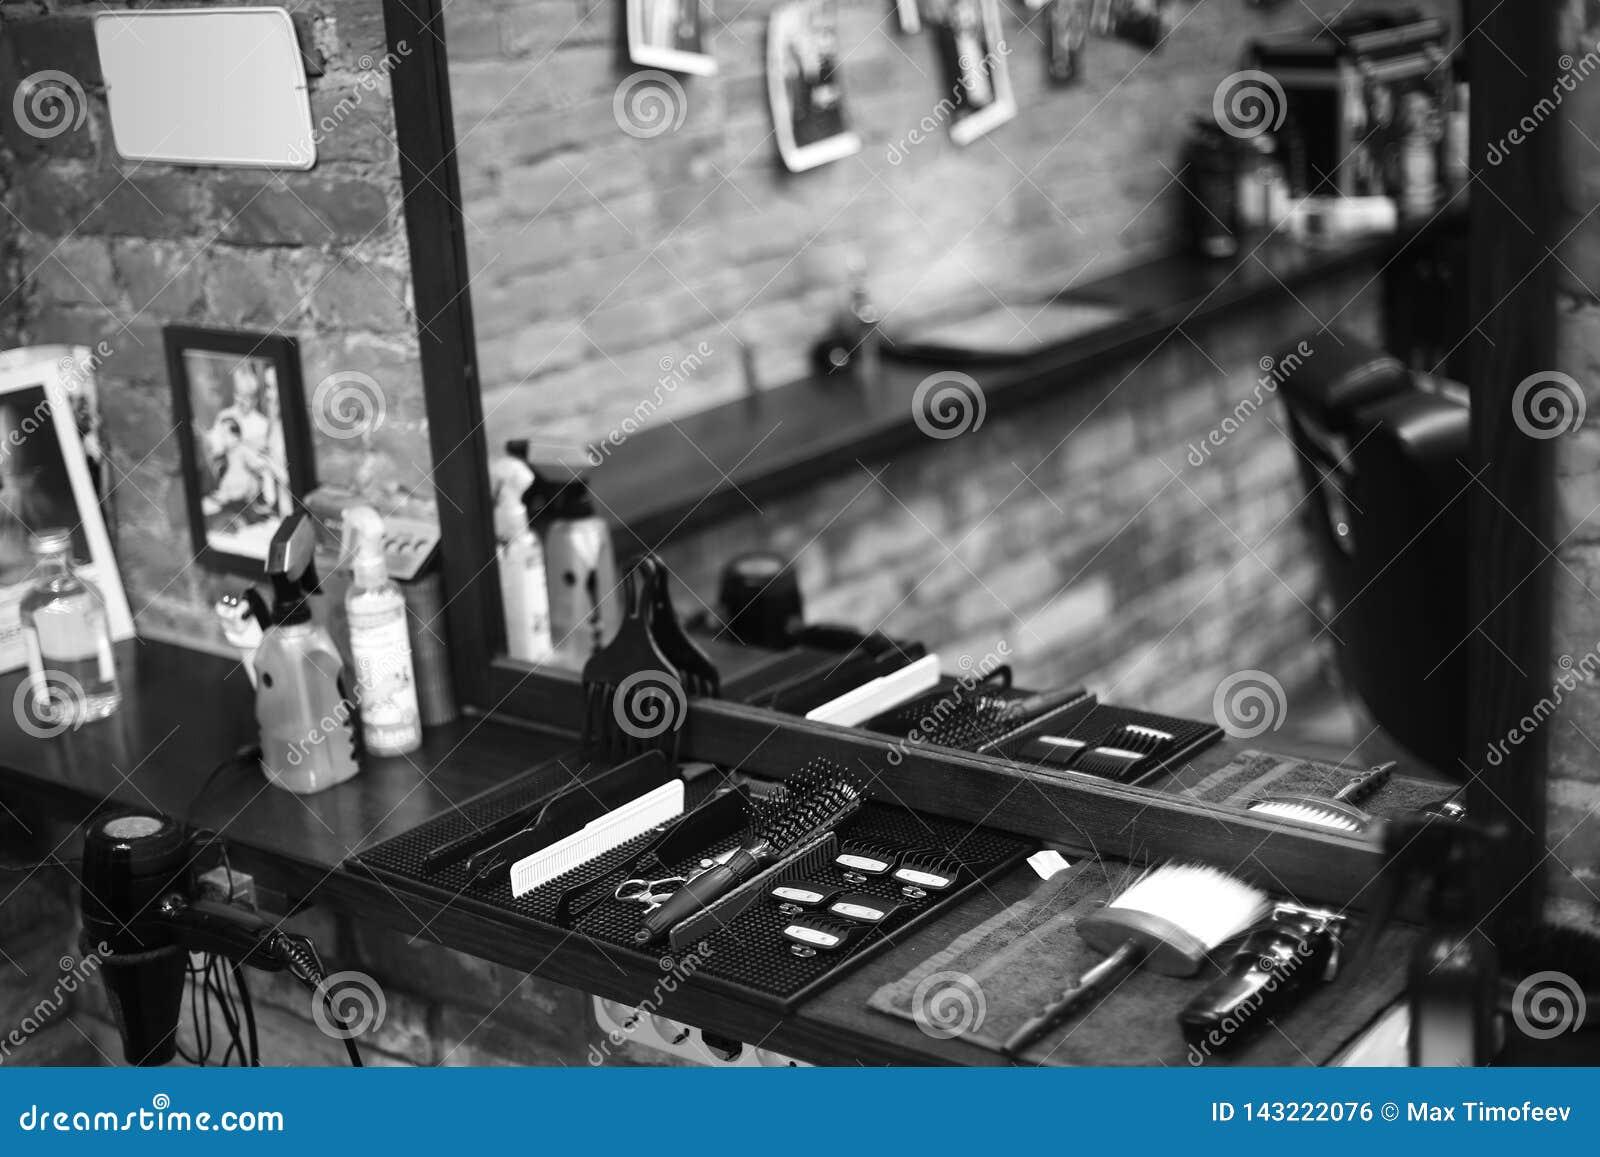 Рабочее место парикмахера Инструменты для стиля причесок Черно-белое изображение